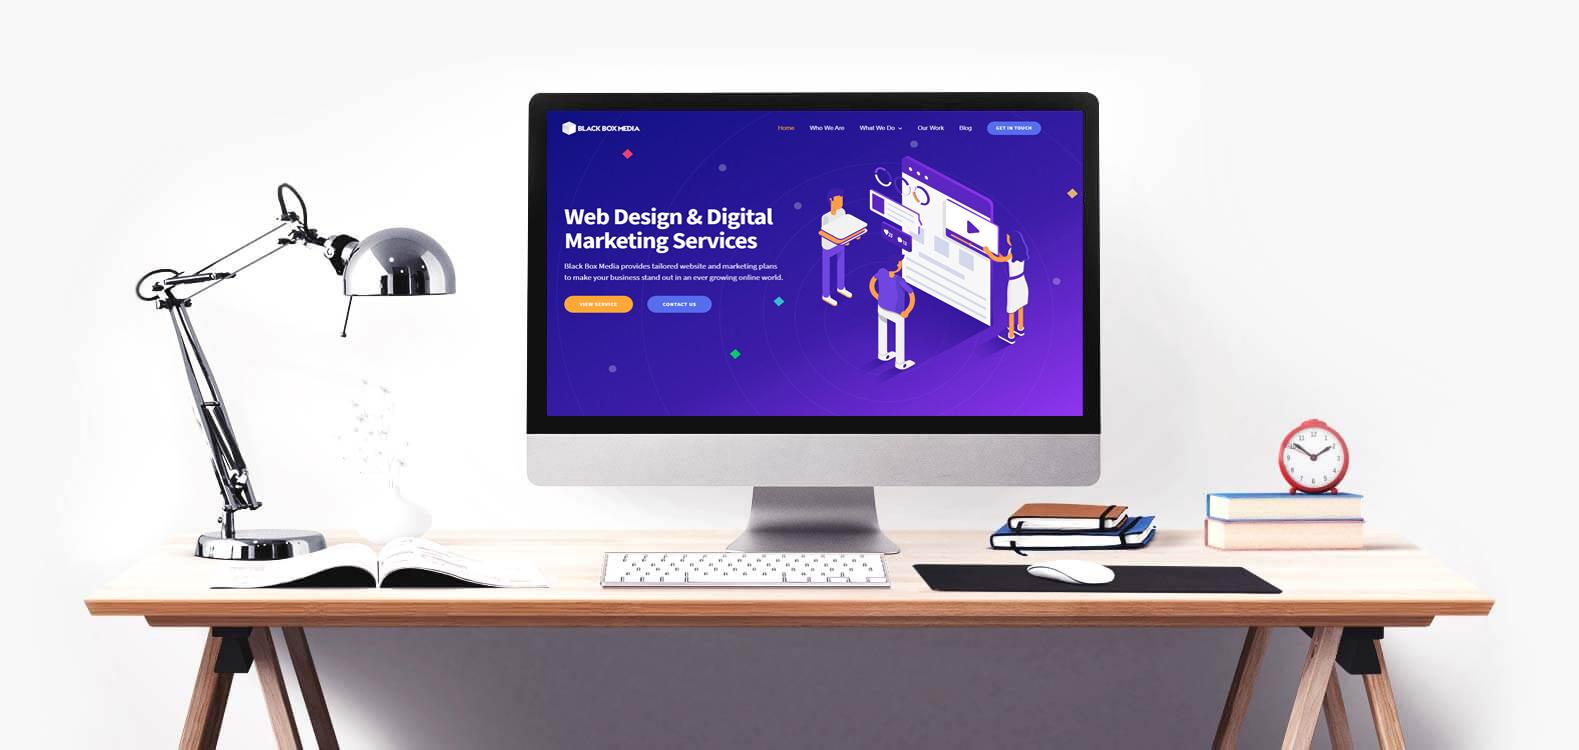 Website Design and Digital Marketing